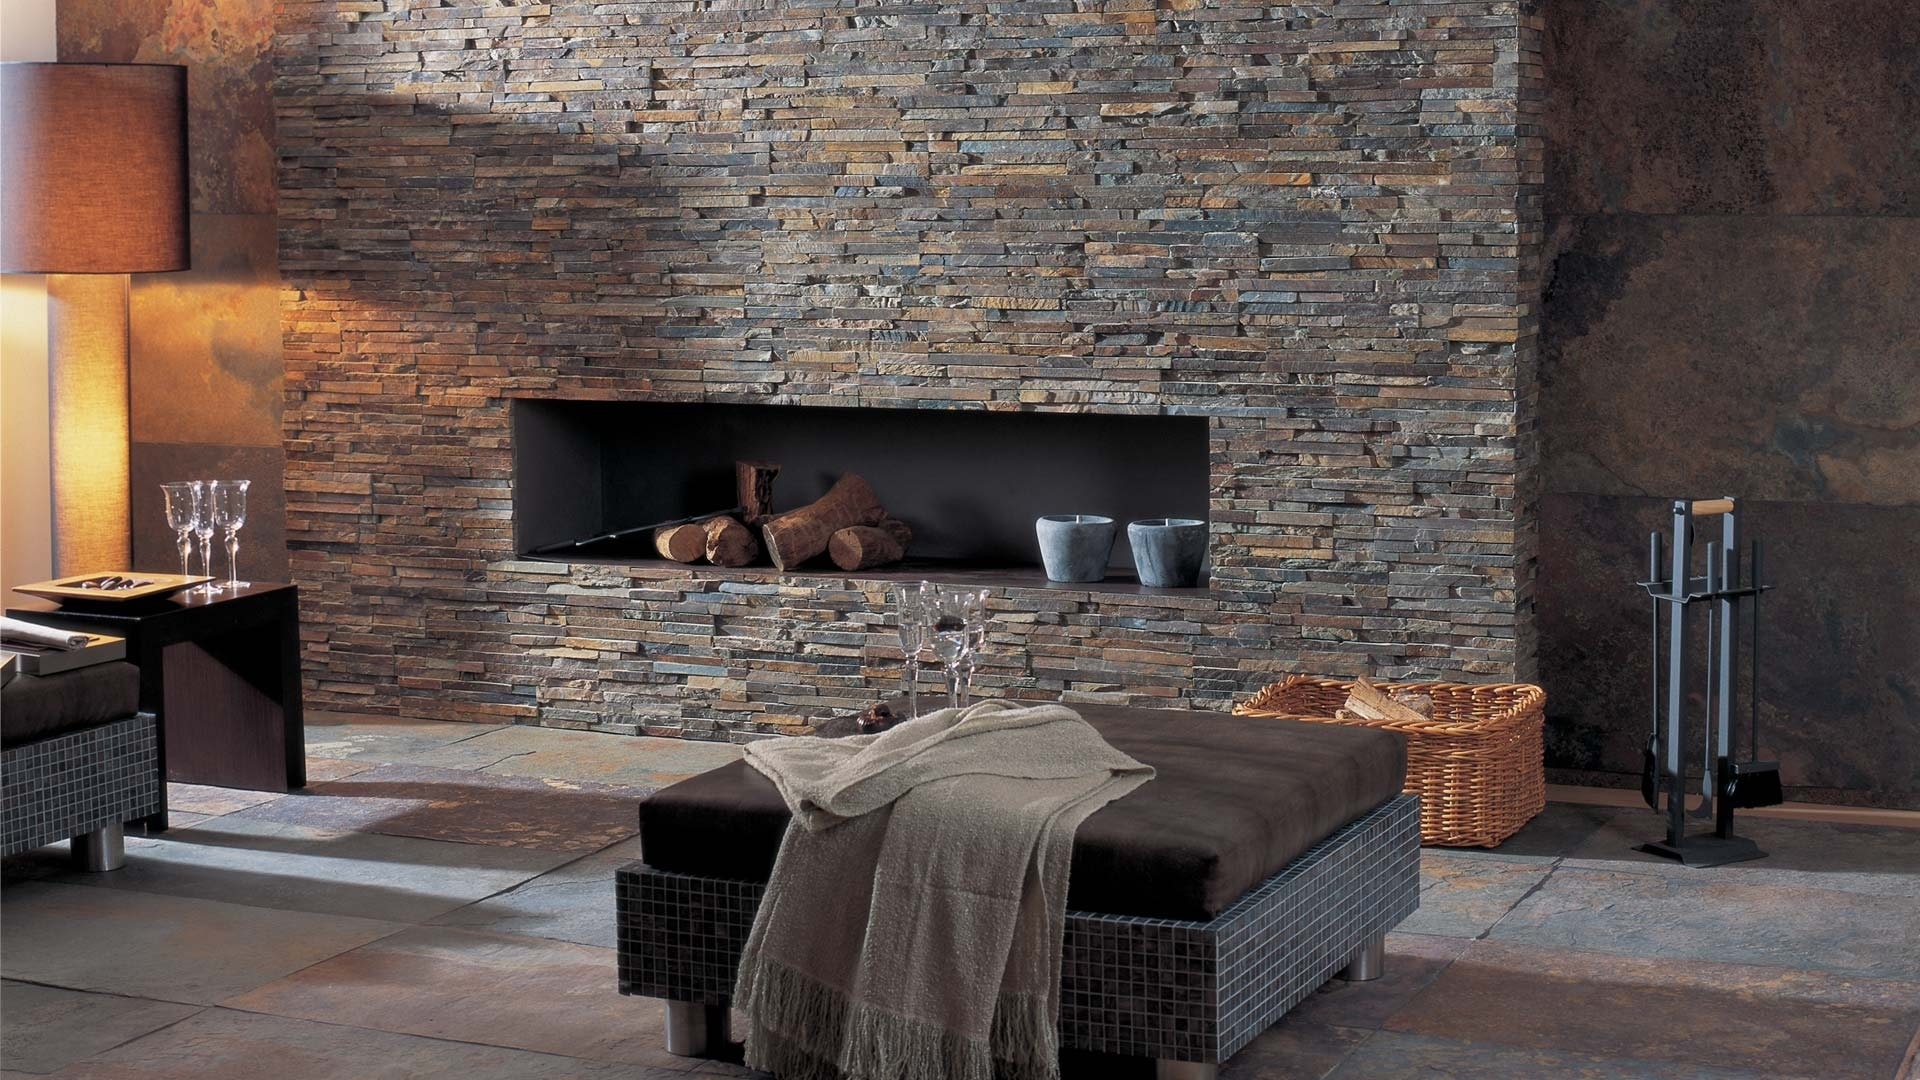 decorative-stone-interior-walls-design